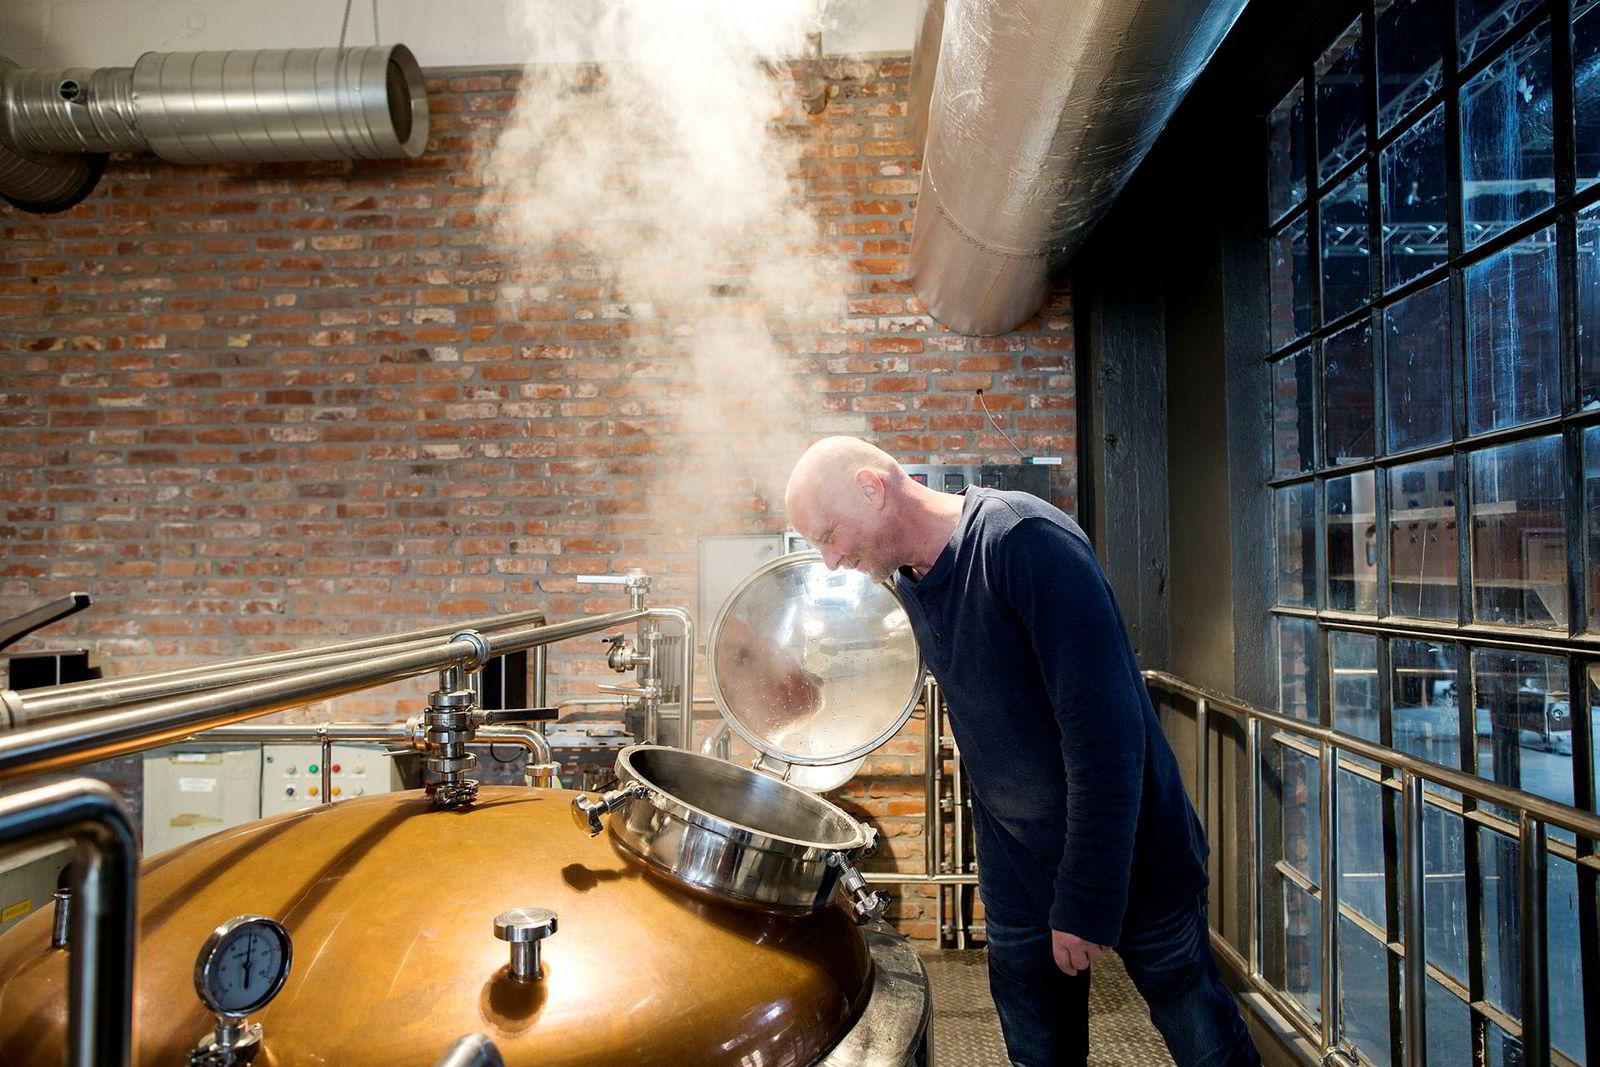 Bryggmester Gunnar Roan sjekker tankene før nytt øl skal brygges. Målet var å selge 12.000 liter øl første året. De endte opp med 40.000 liter.